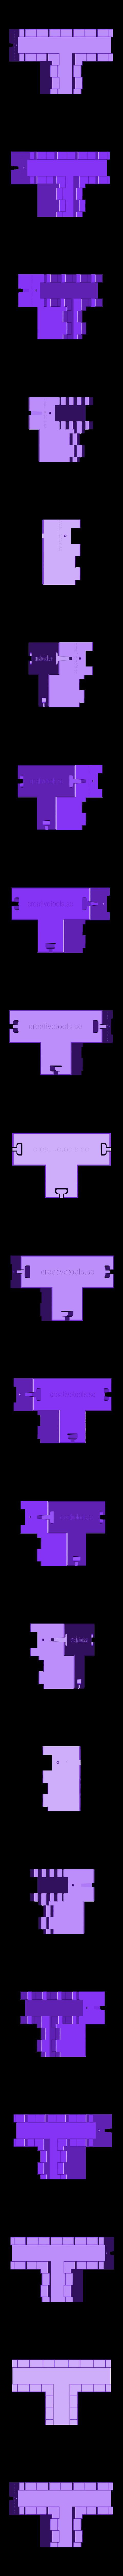 Wall_T_Large_(Modular Castle Playset - 3D-printable)_By_CreativeTools.se.stl Télécharger fichier STL gratuit Plateau modulaire de château (imprimable en 3D) • Modèle à imprimer en 3D, CreativeTools